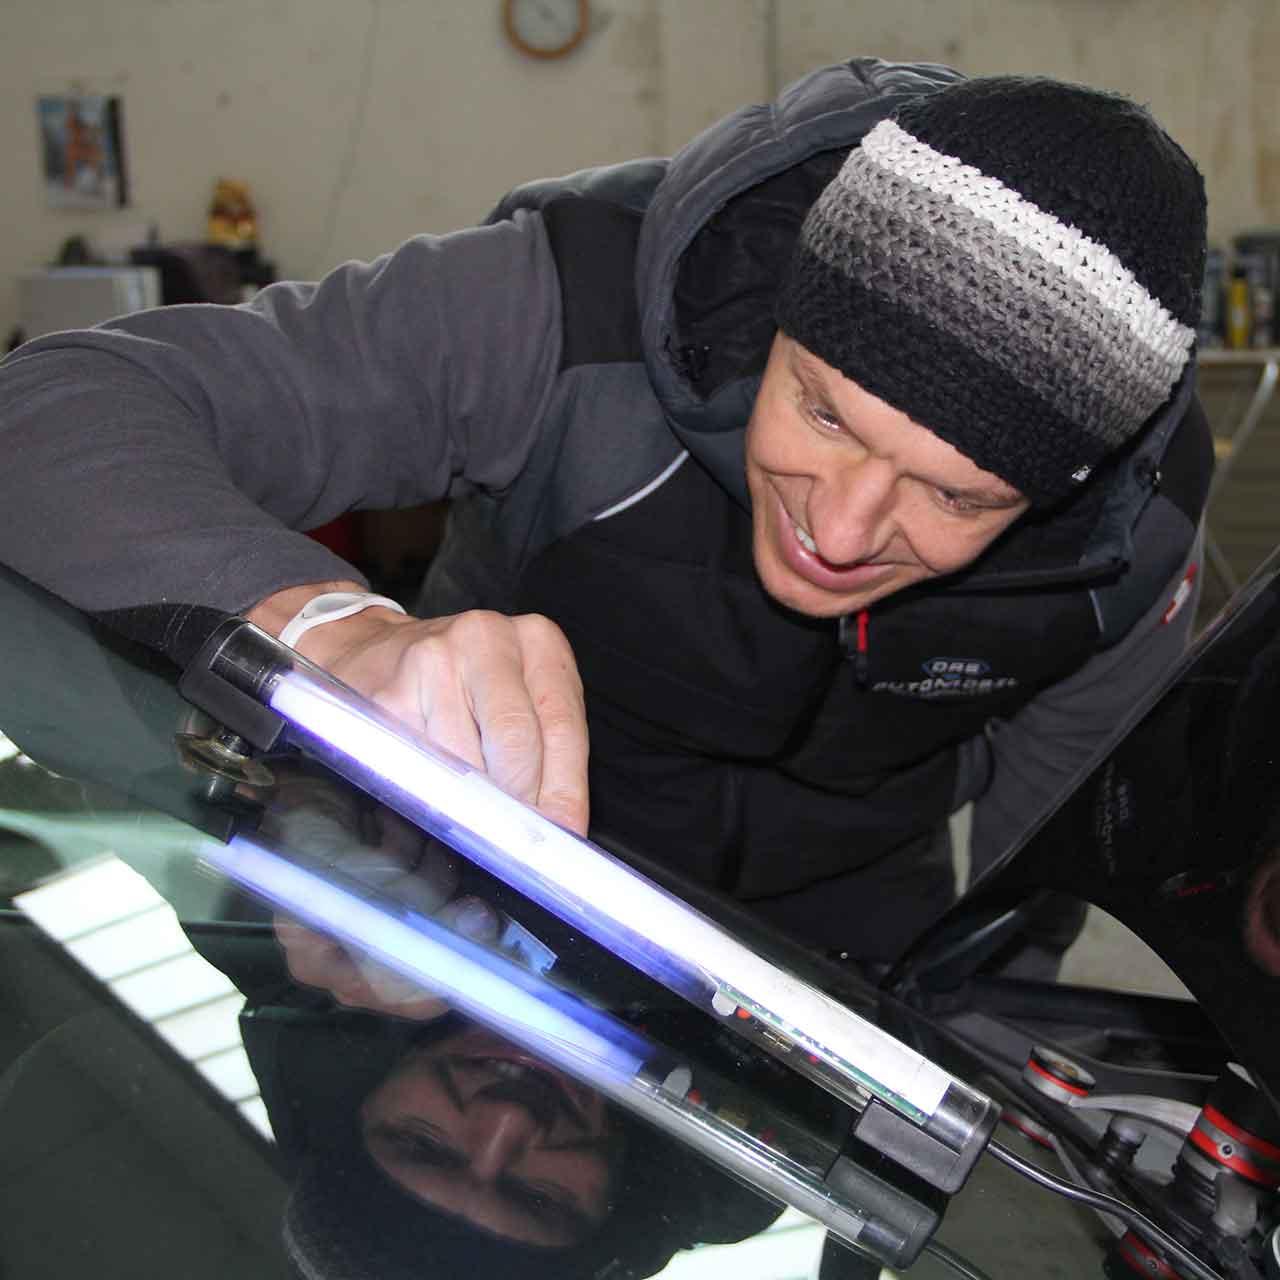 autoglas-wss-reparatur-das-automobil